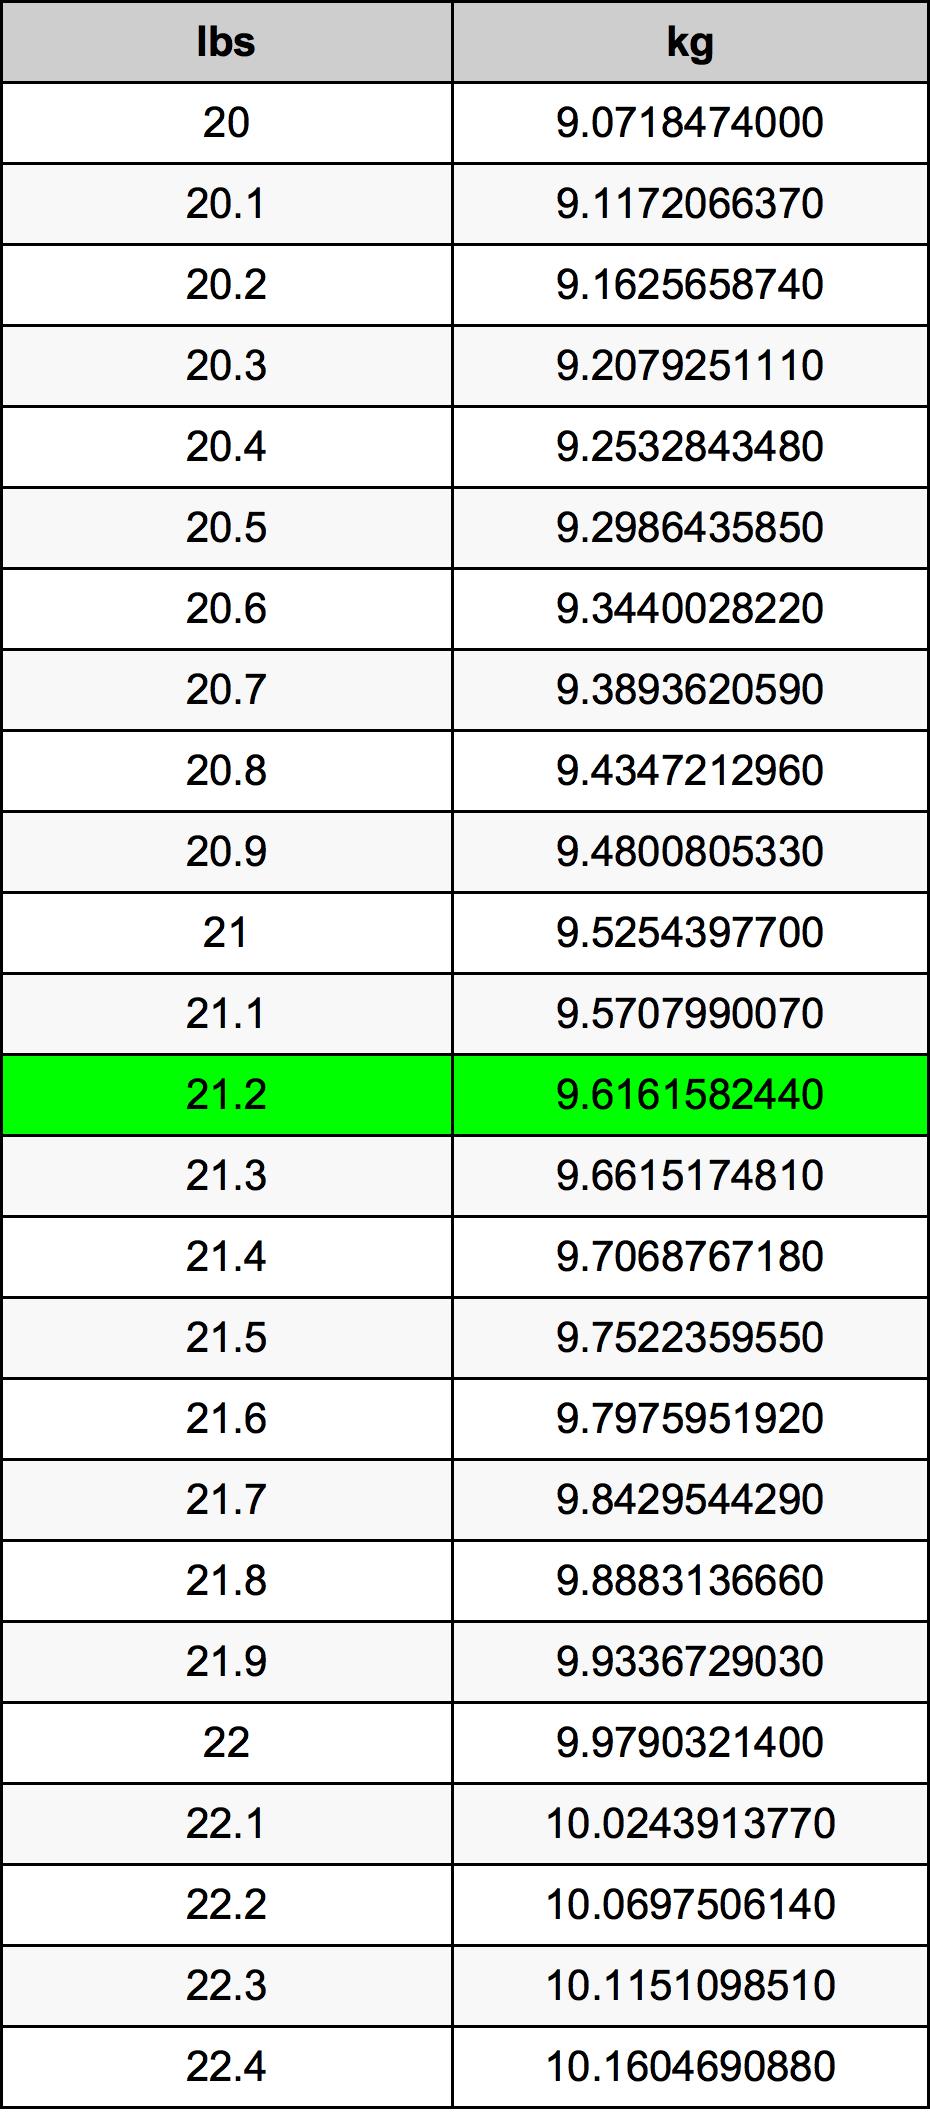 21.2ポンドをキログラム単位変換   21.2lbsをkg単位変換